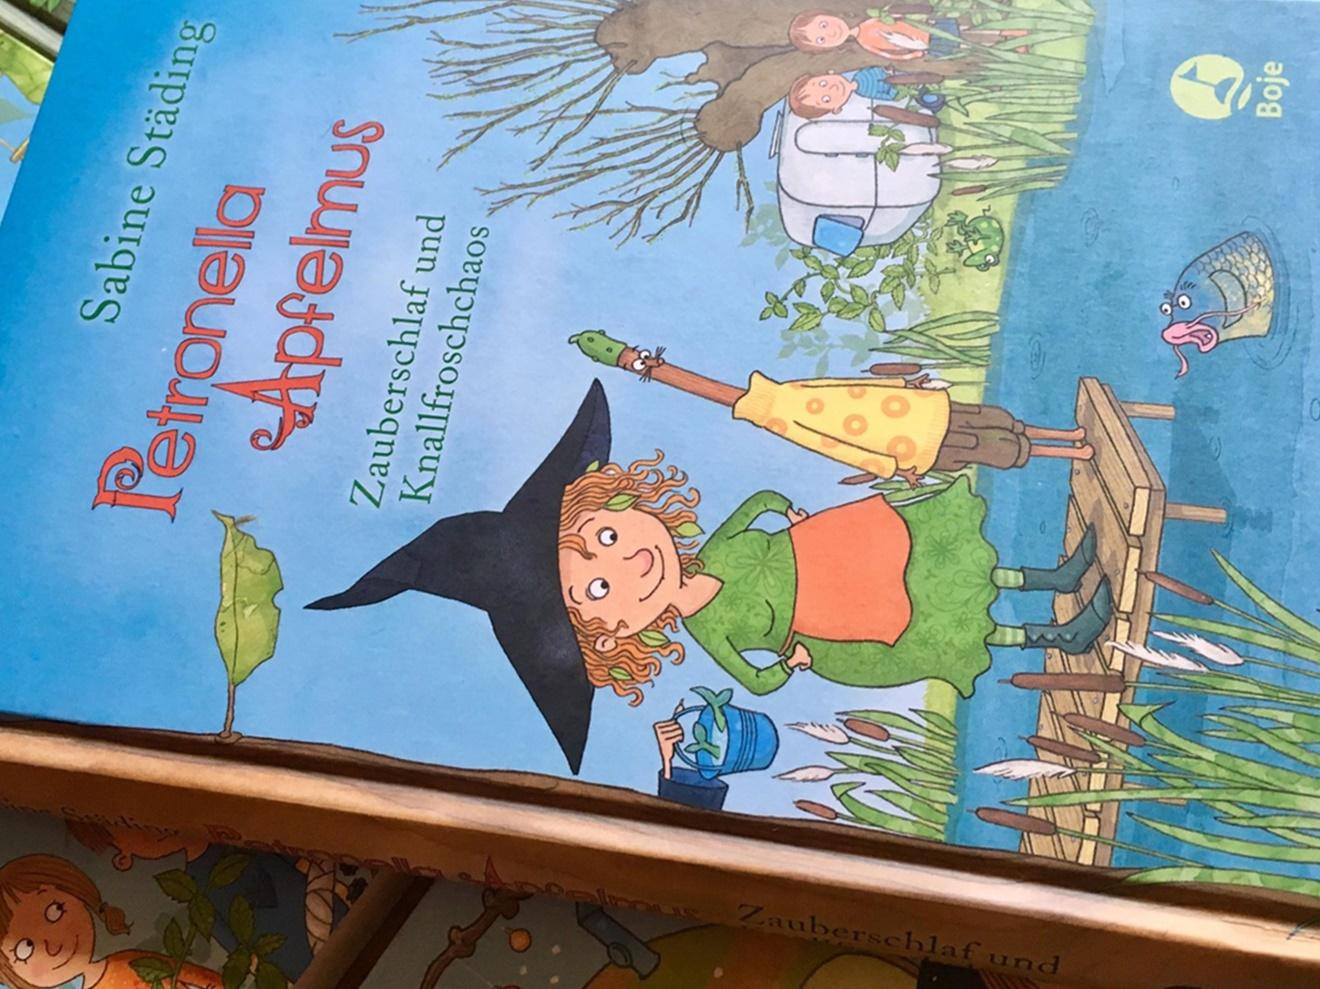 Petronella Apfelmus #2 - Zauberschlaf und Knallfroschchaos von Sabine Städing, Kinderbuch